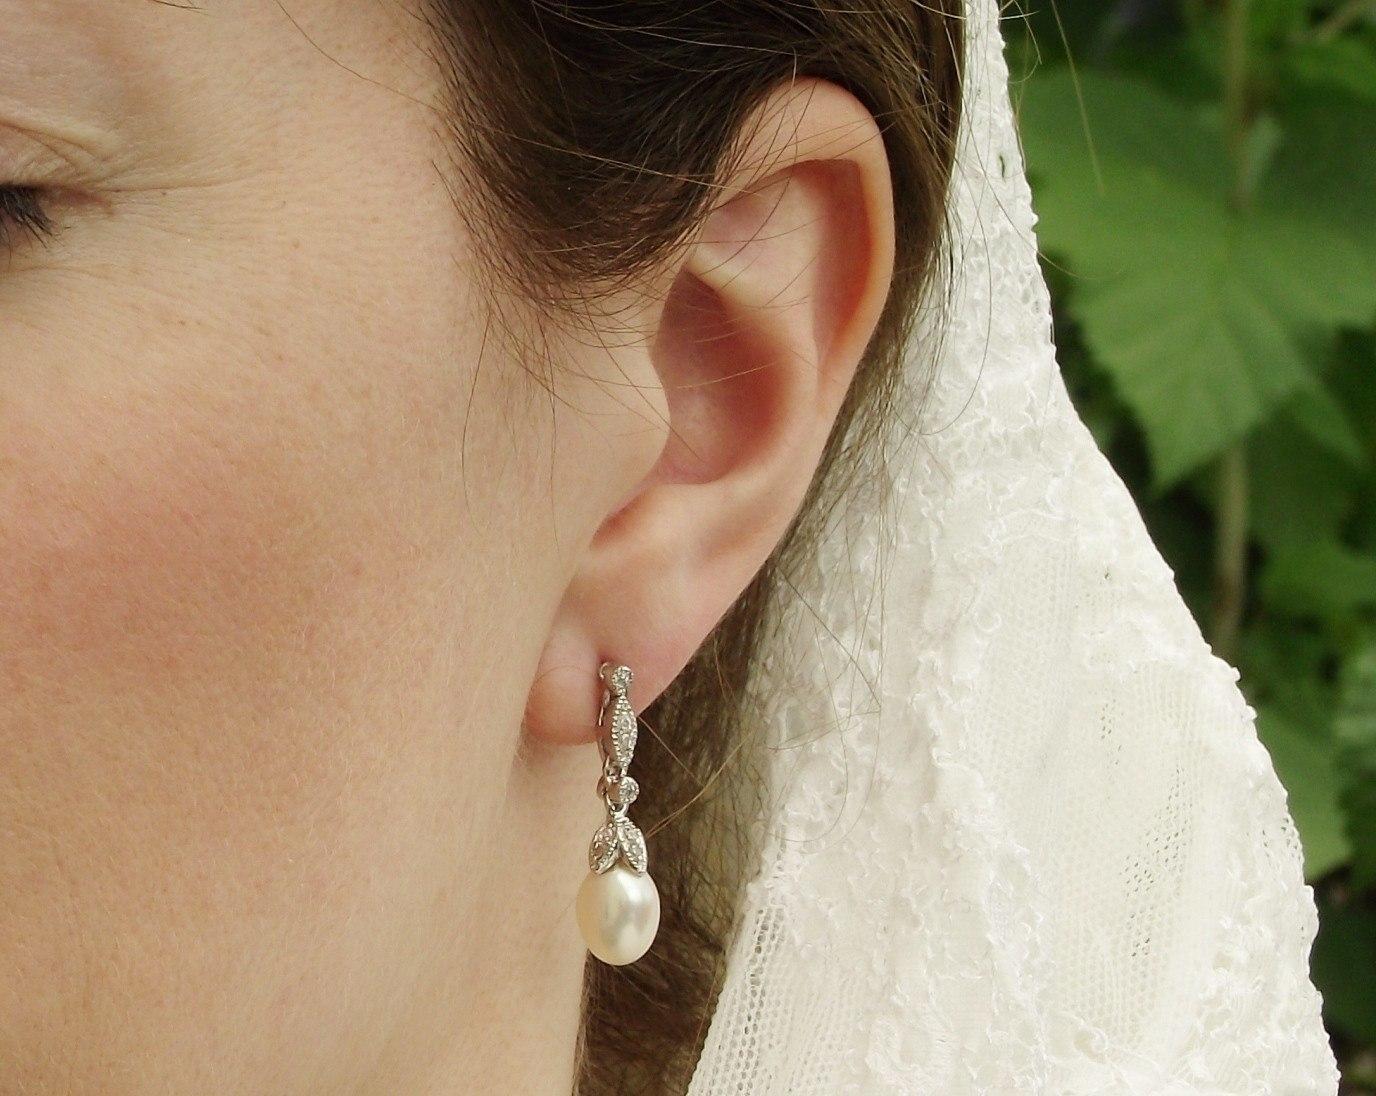 گوشواره طلای عروس بسیار مهم است که با یقه لباس عروس هماهنگ باشد